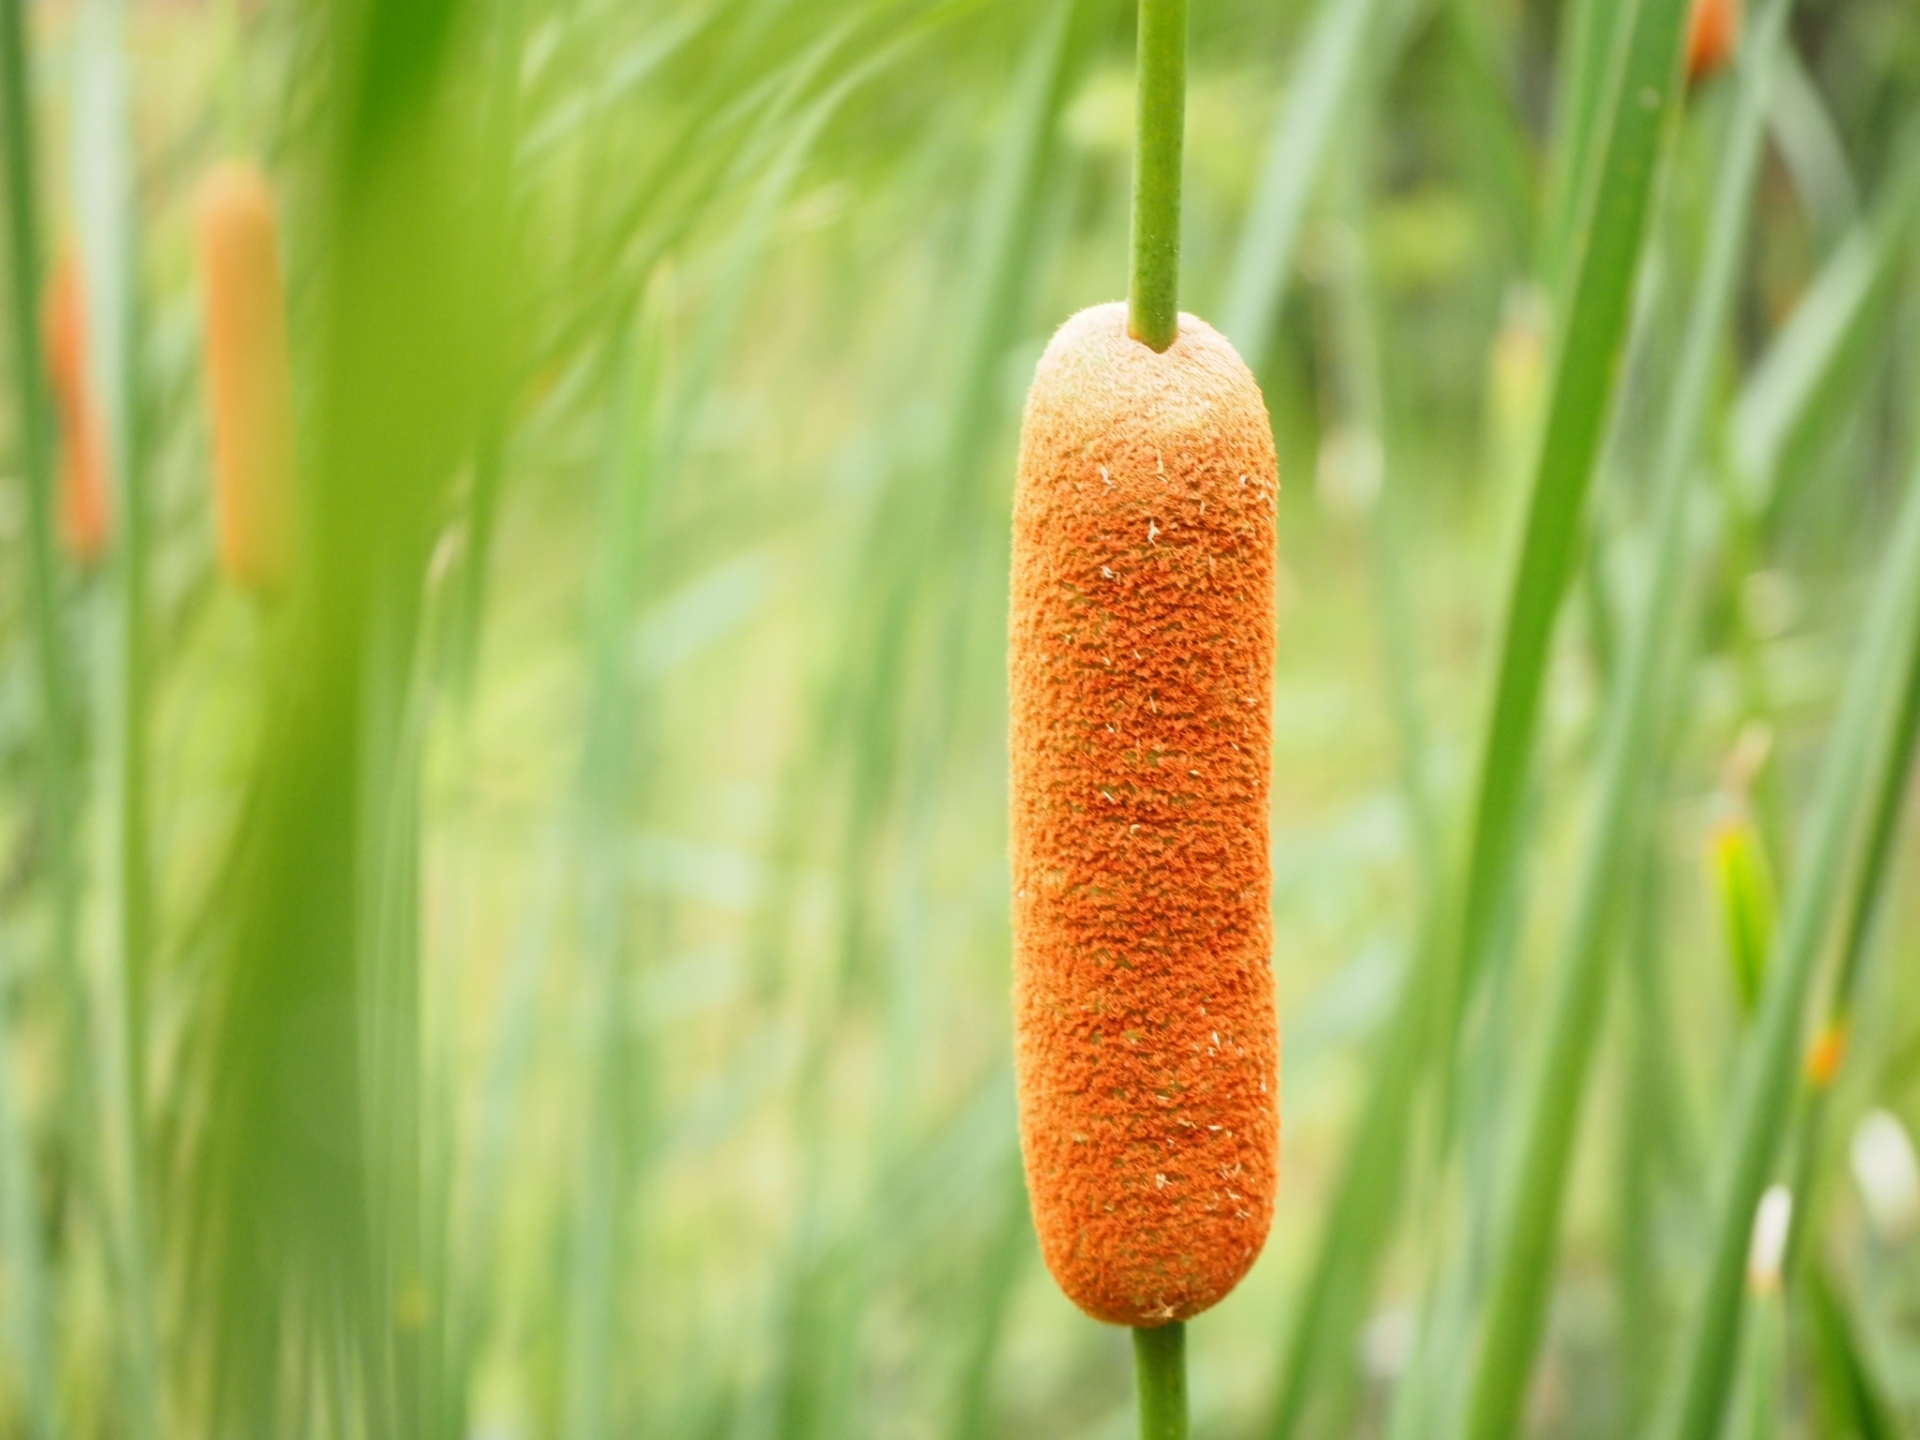 ガマ(蒲)とはどんな植物?特徴や育て方を解説!食べることもできる?